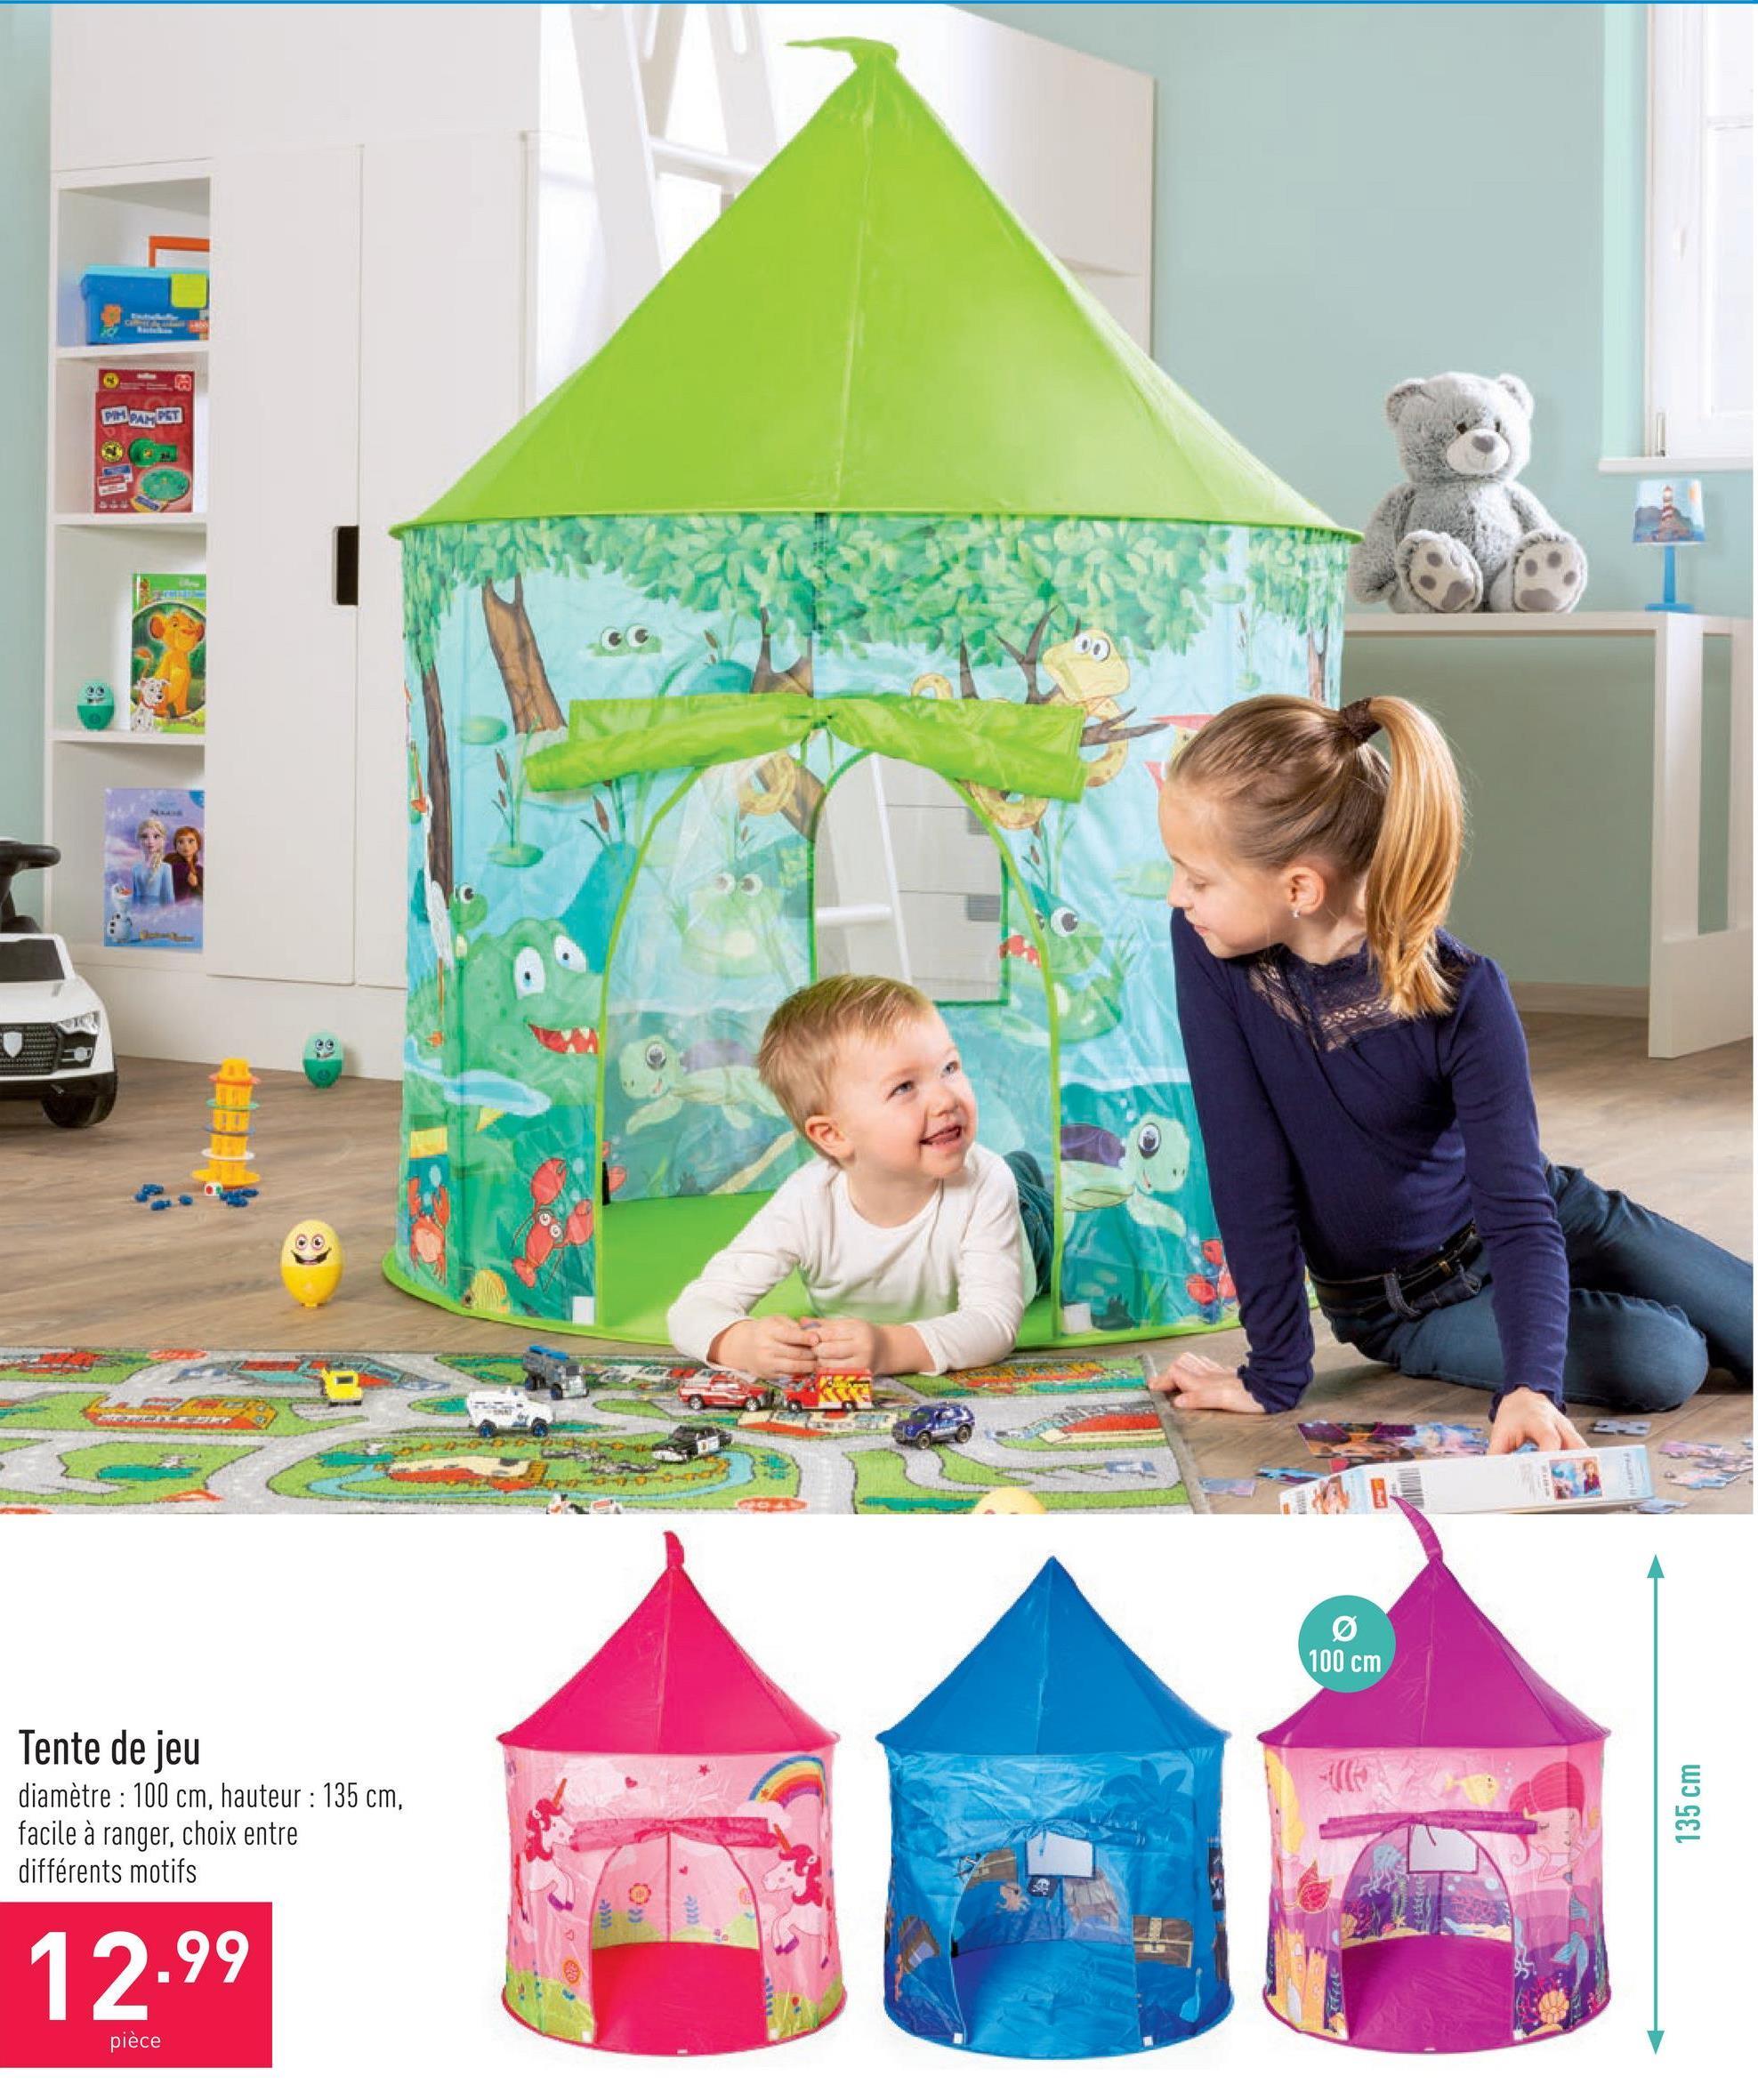 Tente de jeu diamètre : 100 cm, hauteur : 135 cm, facile à ranger, choix entre différents motifs